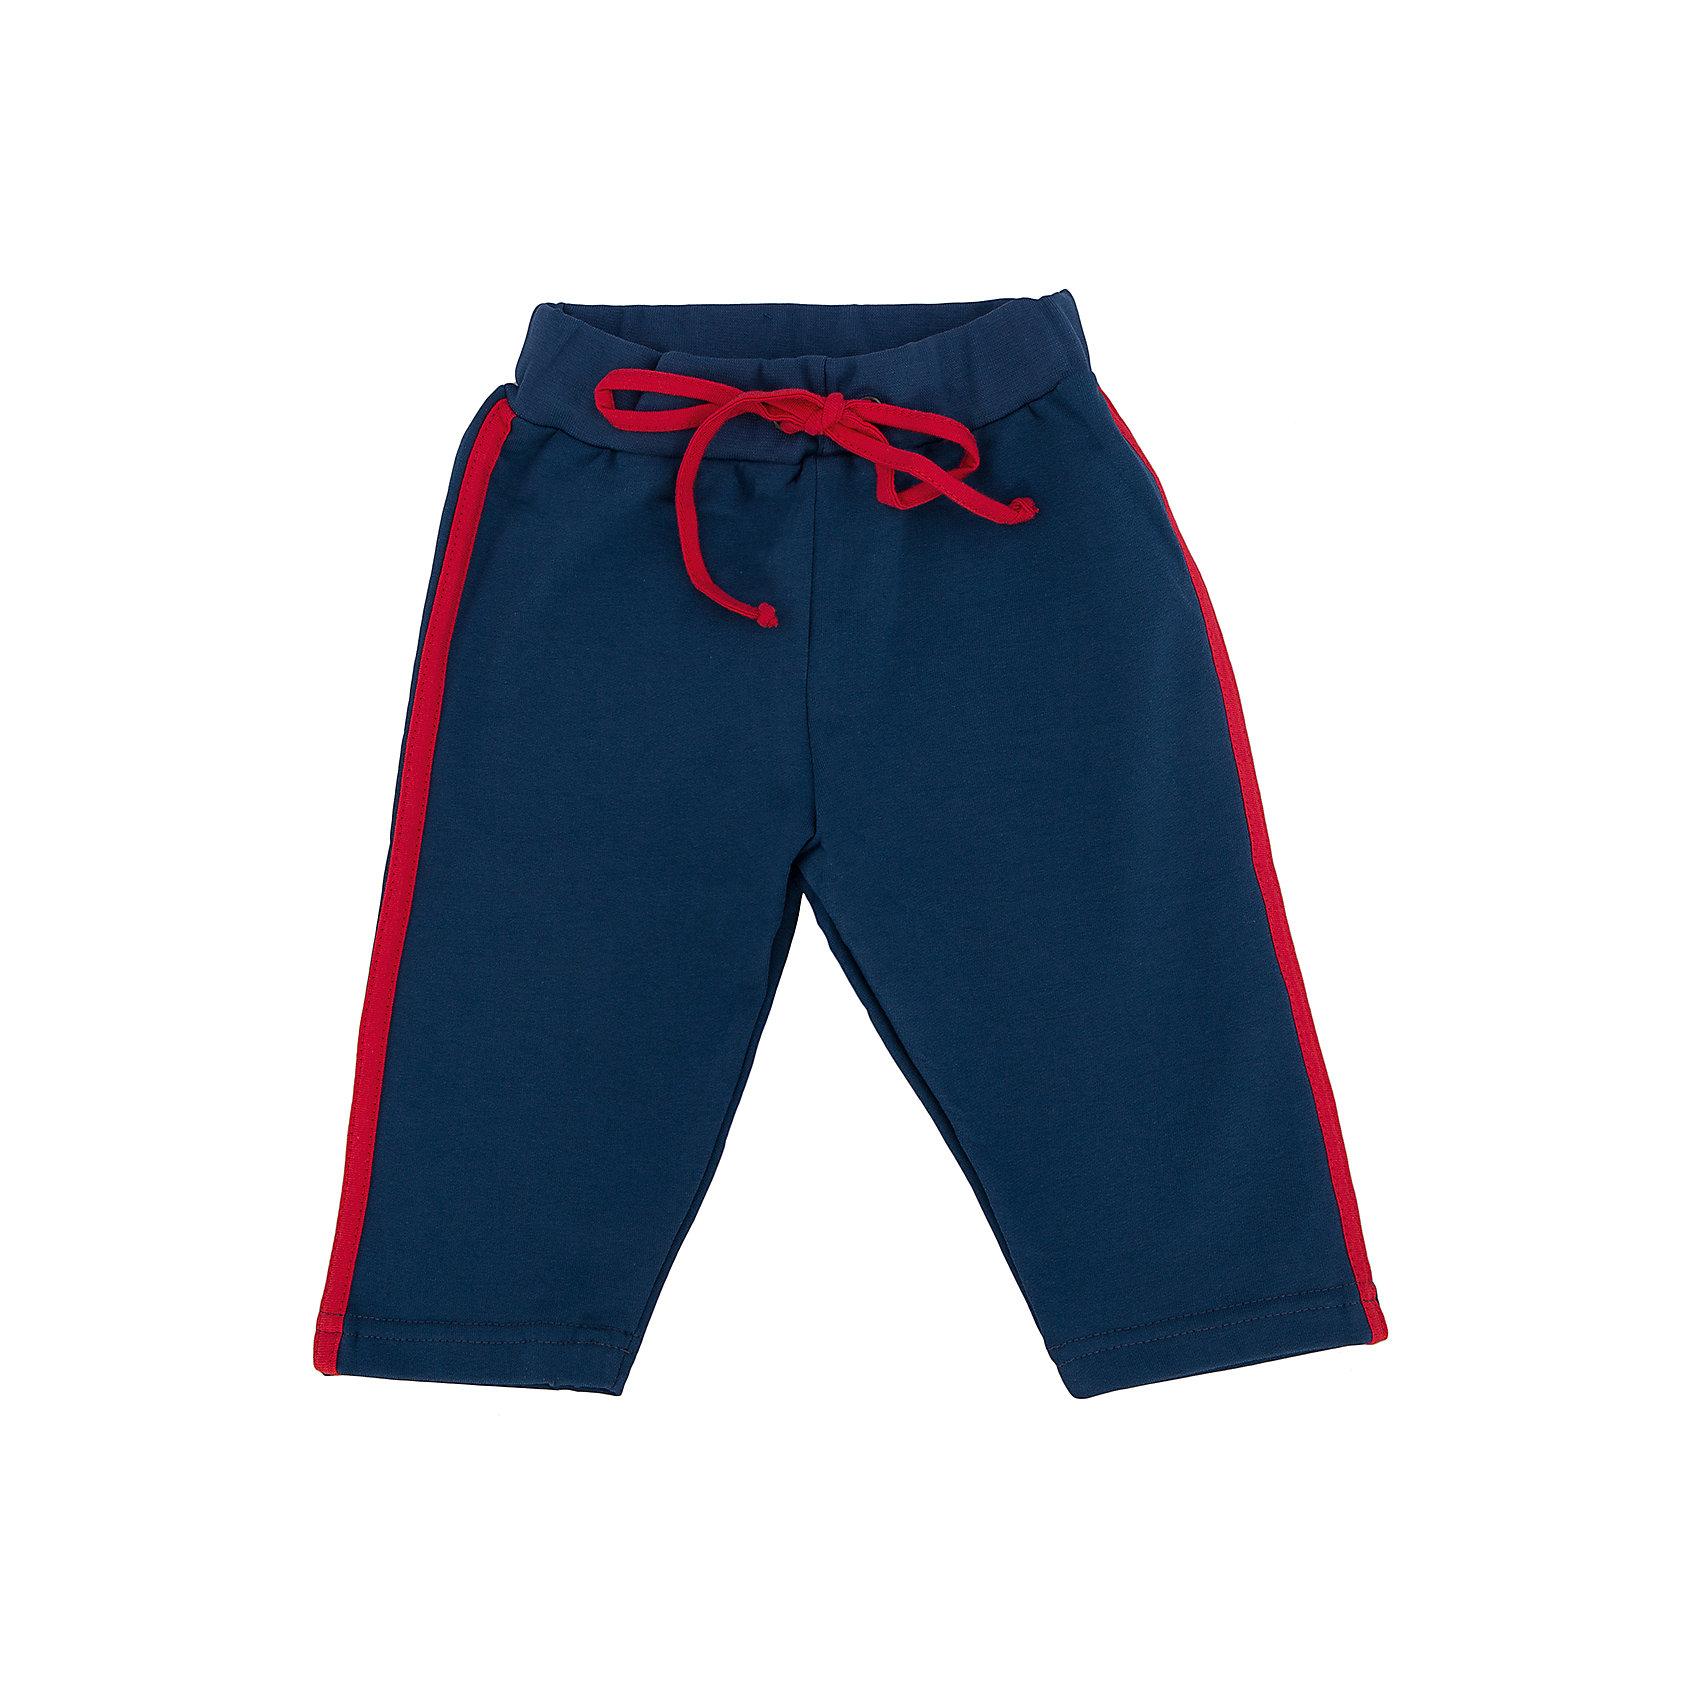 Брюки для мальчика АпрельСтильные брюки из мягкого хлопка. Приятные на ощупь, не сковывают движения, обеспечивая комфорт. Изделие на эластичном поясе, для лучшей фиксации на талии вставлен шнурок, украшено лампасами. Благодаря универсальному крою и расцветке бриджи являются неотъемлемым предметом детского гардероба! Состав: 95% хлопок, 5% лайкра<br><br>Ширина мм: 215<br>Глубина мм: 88<br>Высота мм: 191<br>Вес г: 336<br>Цвет: синий<br>Возраст от месяцев: 6<br>Возраст до месяцев: 9<br>Пол: Мужской<br>Возраст: Детский<br>Размер: 74,80<br>SKU: 4630875